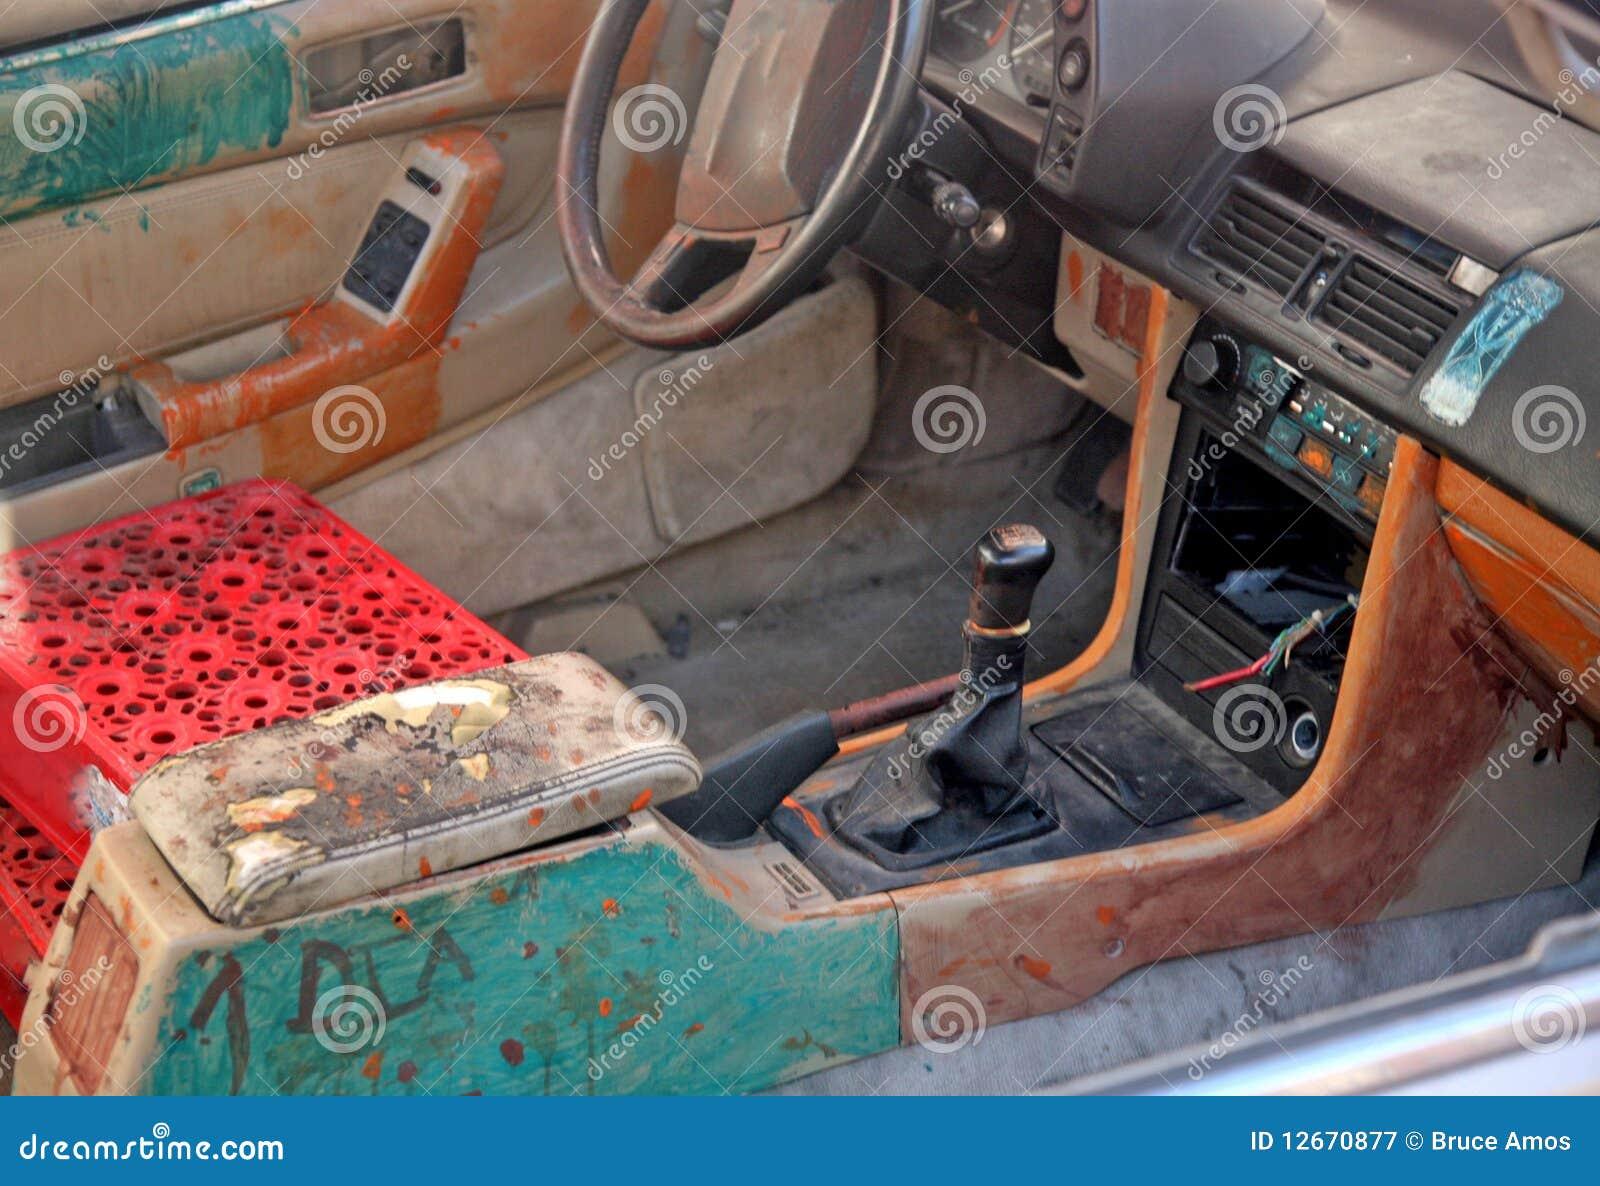 Junk car interior stock image. Image of grunge, seatless - 12670877